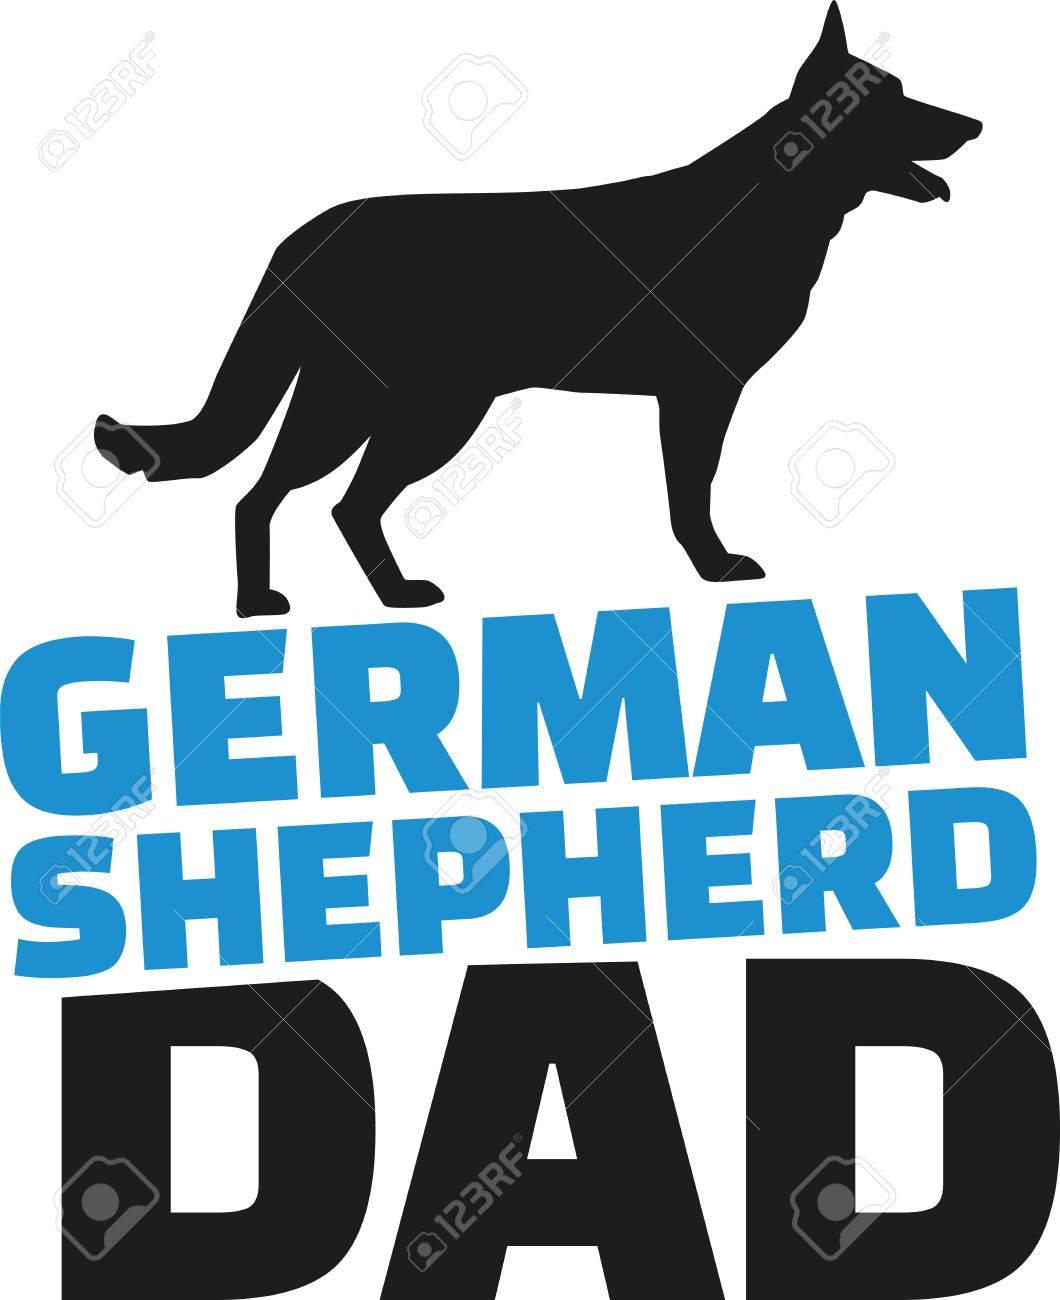 ジャーマン シェパード犬のシルエットのお父さんのイラスト素材